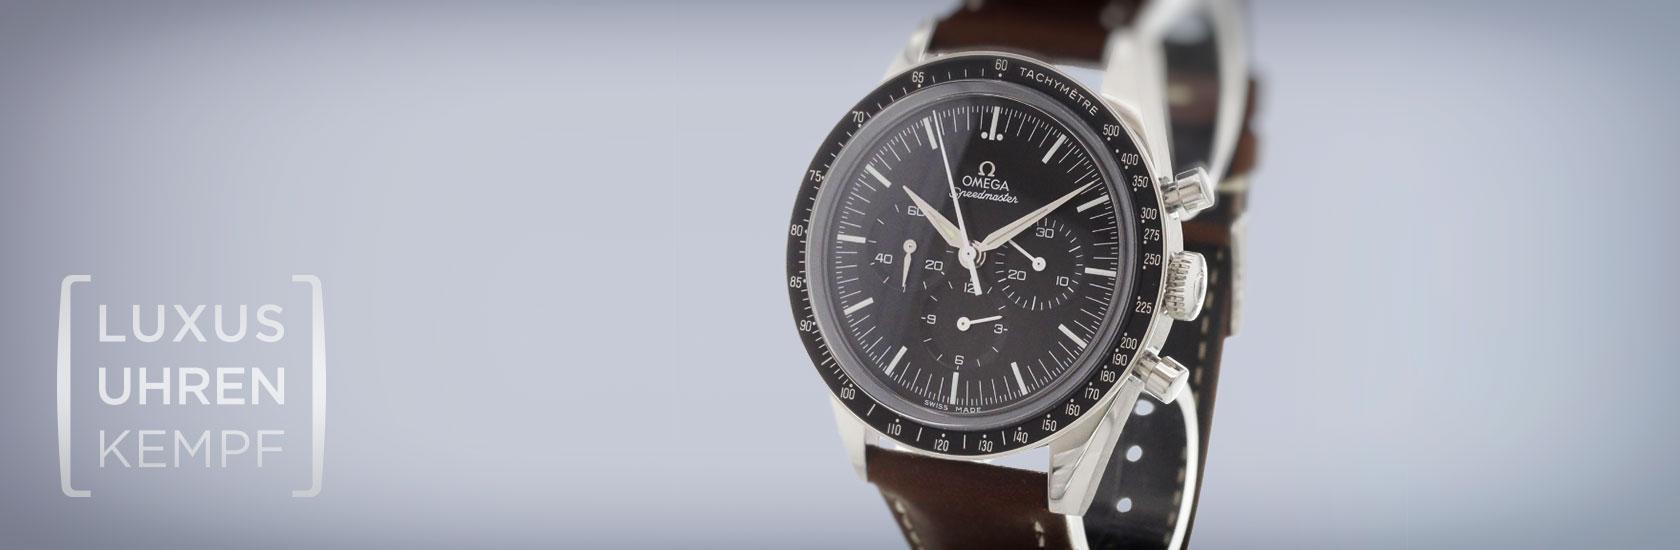 Luxusuhren Kempf - Ankauf von gebrauchten Omega Uhren